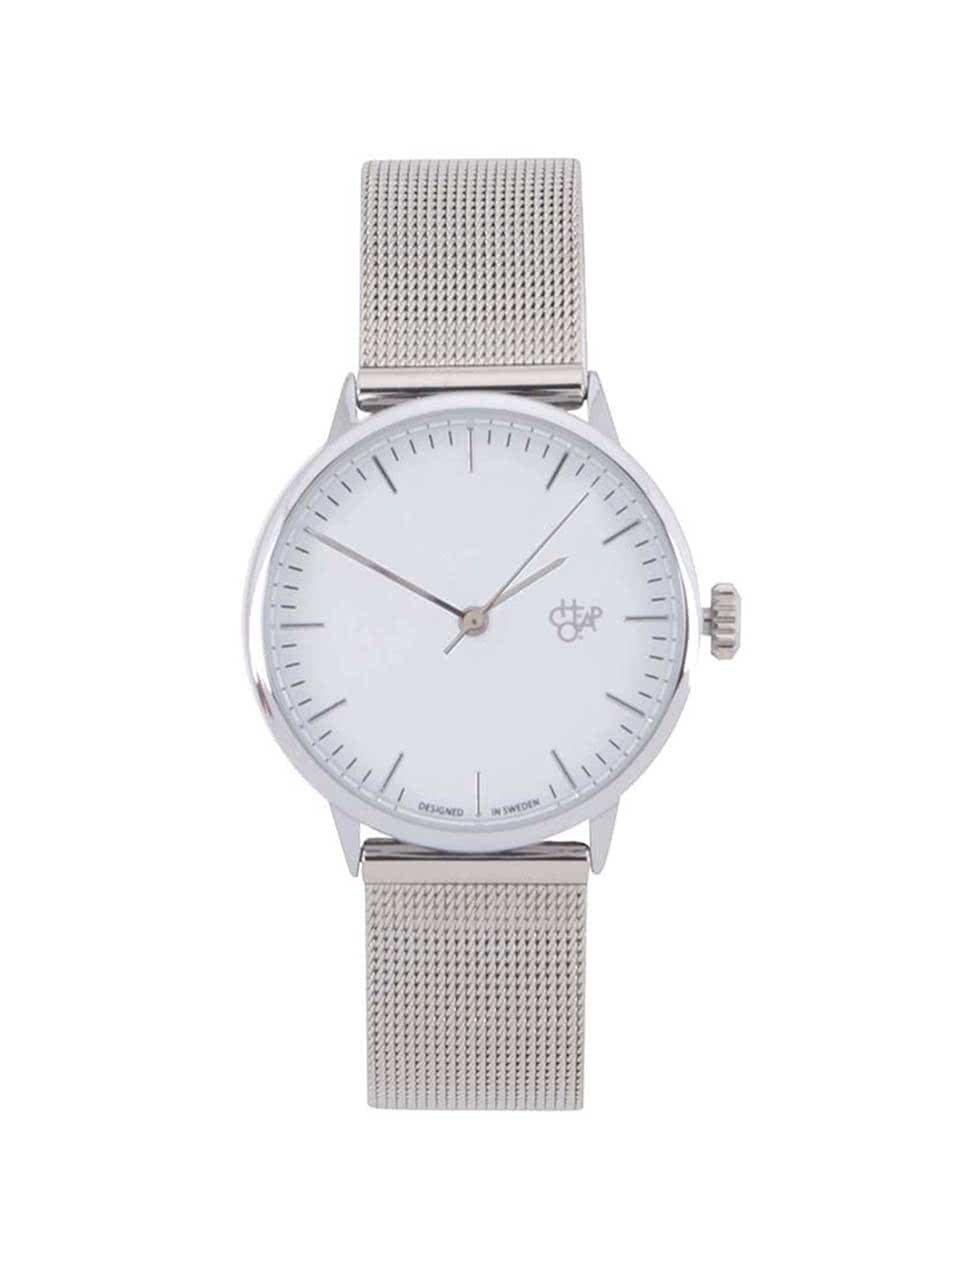 067cddcc3 Dámské hodinky ve stříbrné barvě CHPO Nando Mini Silver | ZOOT.cz